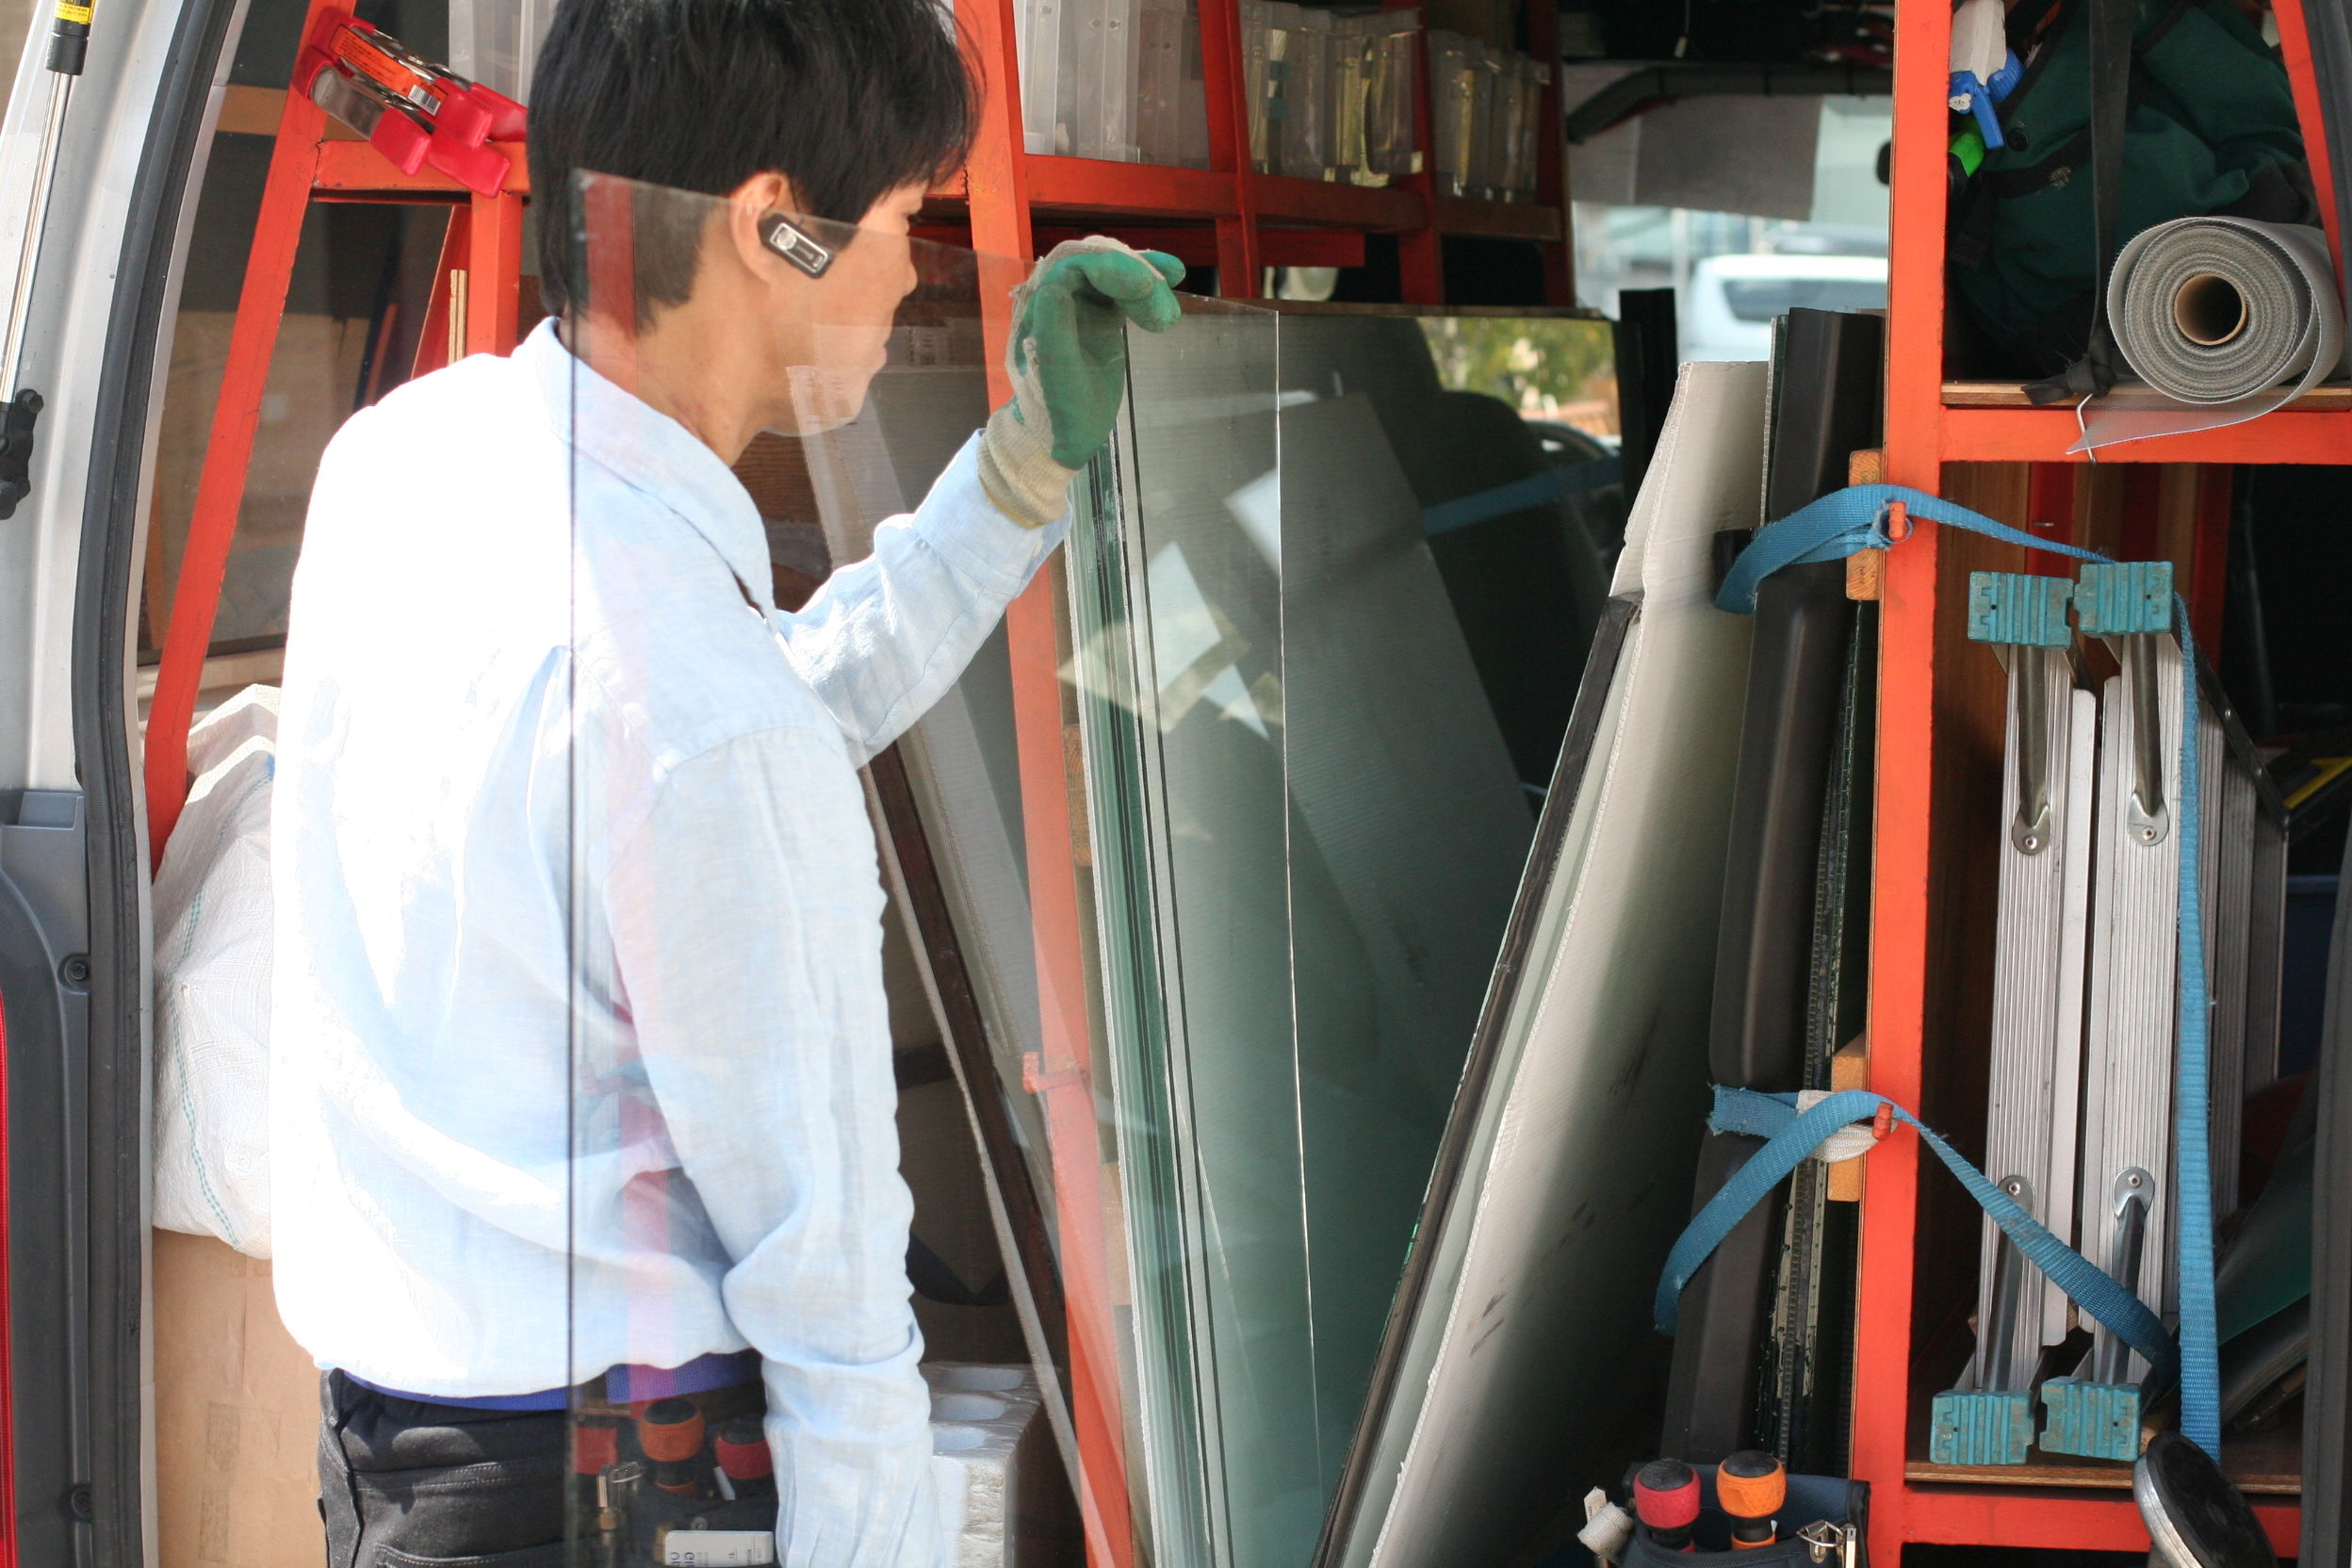 ガラスのトラブル救Q隊.24【稲沢市 出張エリア】の店内・外観画像2